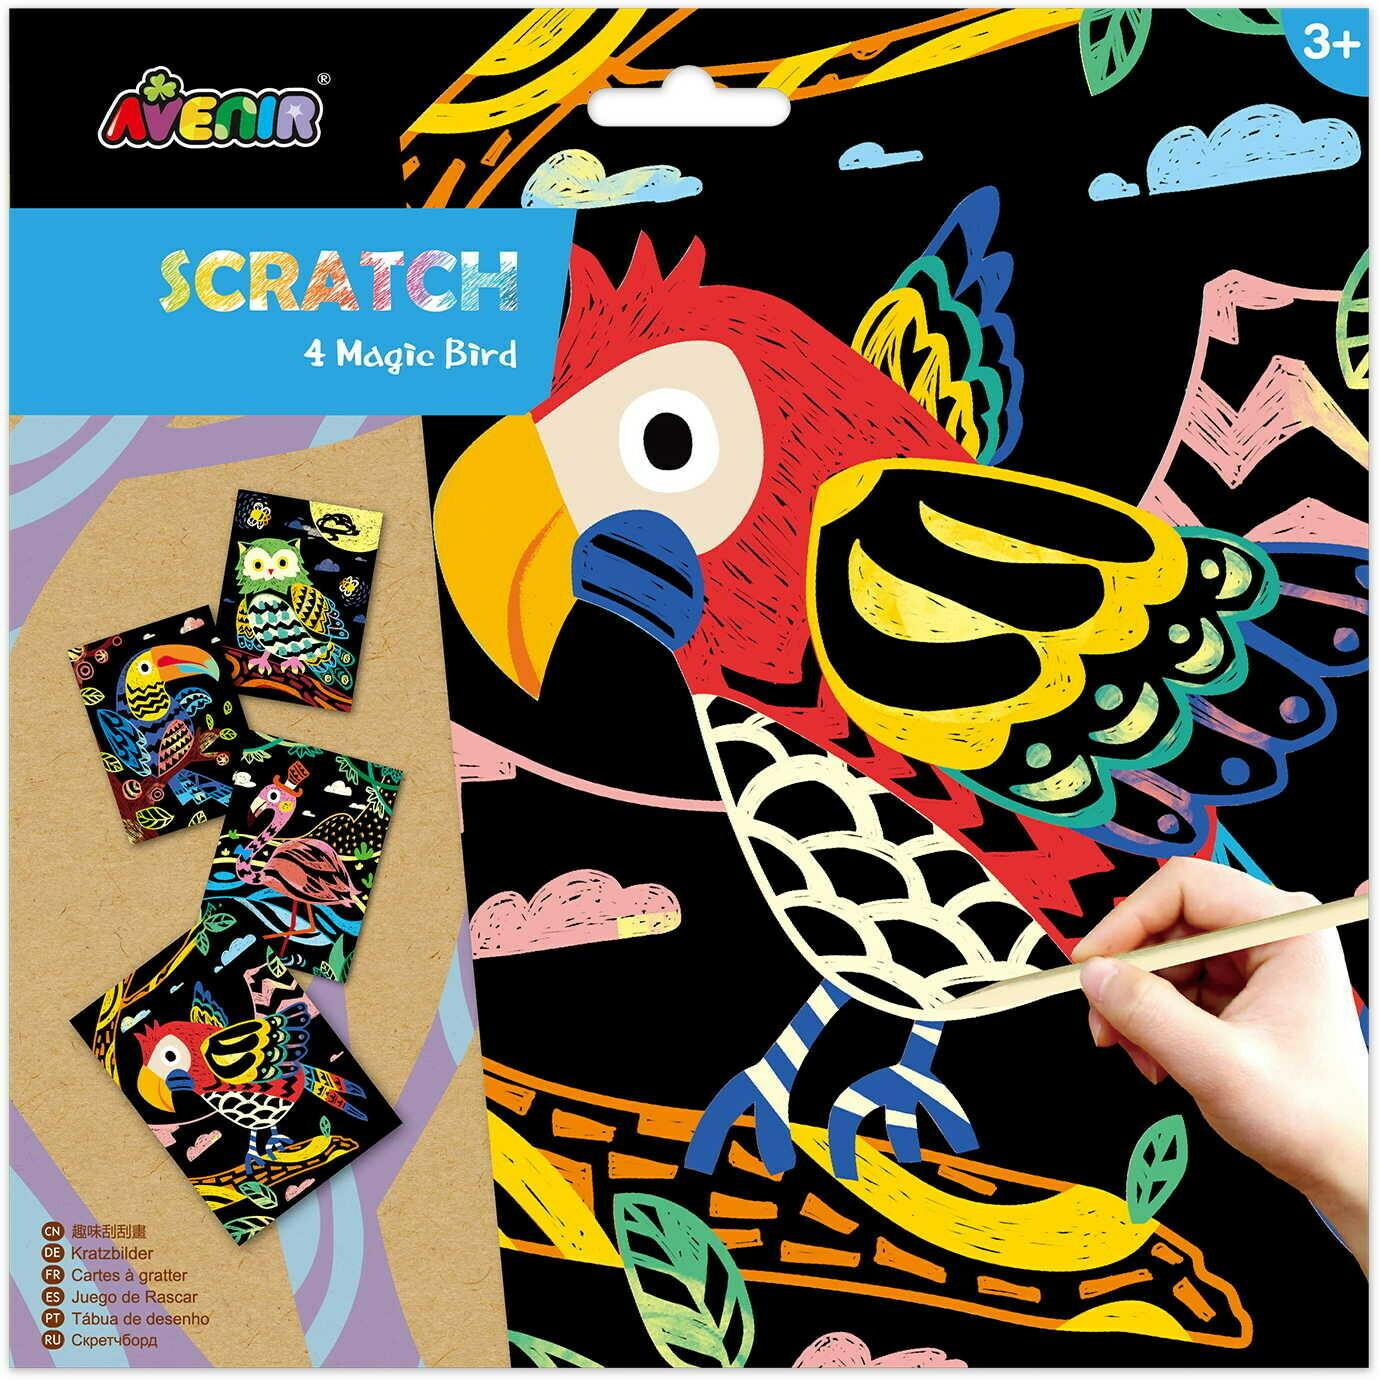 SCRATCH - Magic Bird